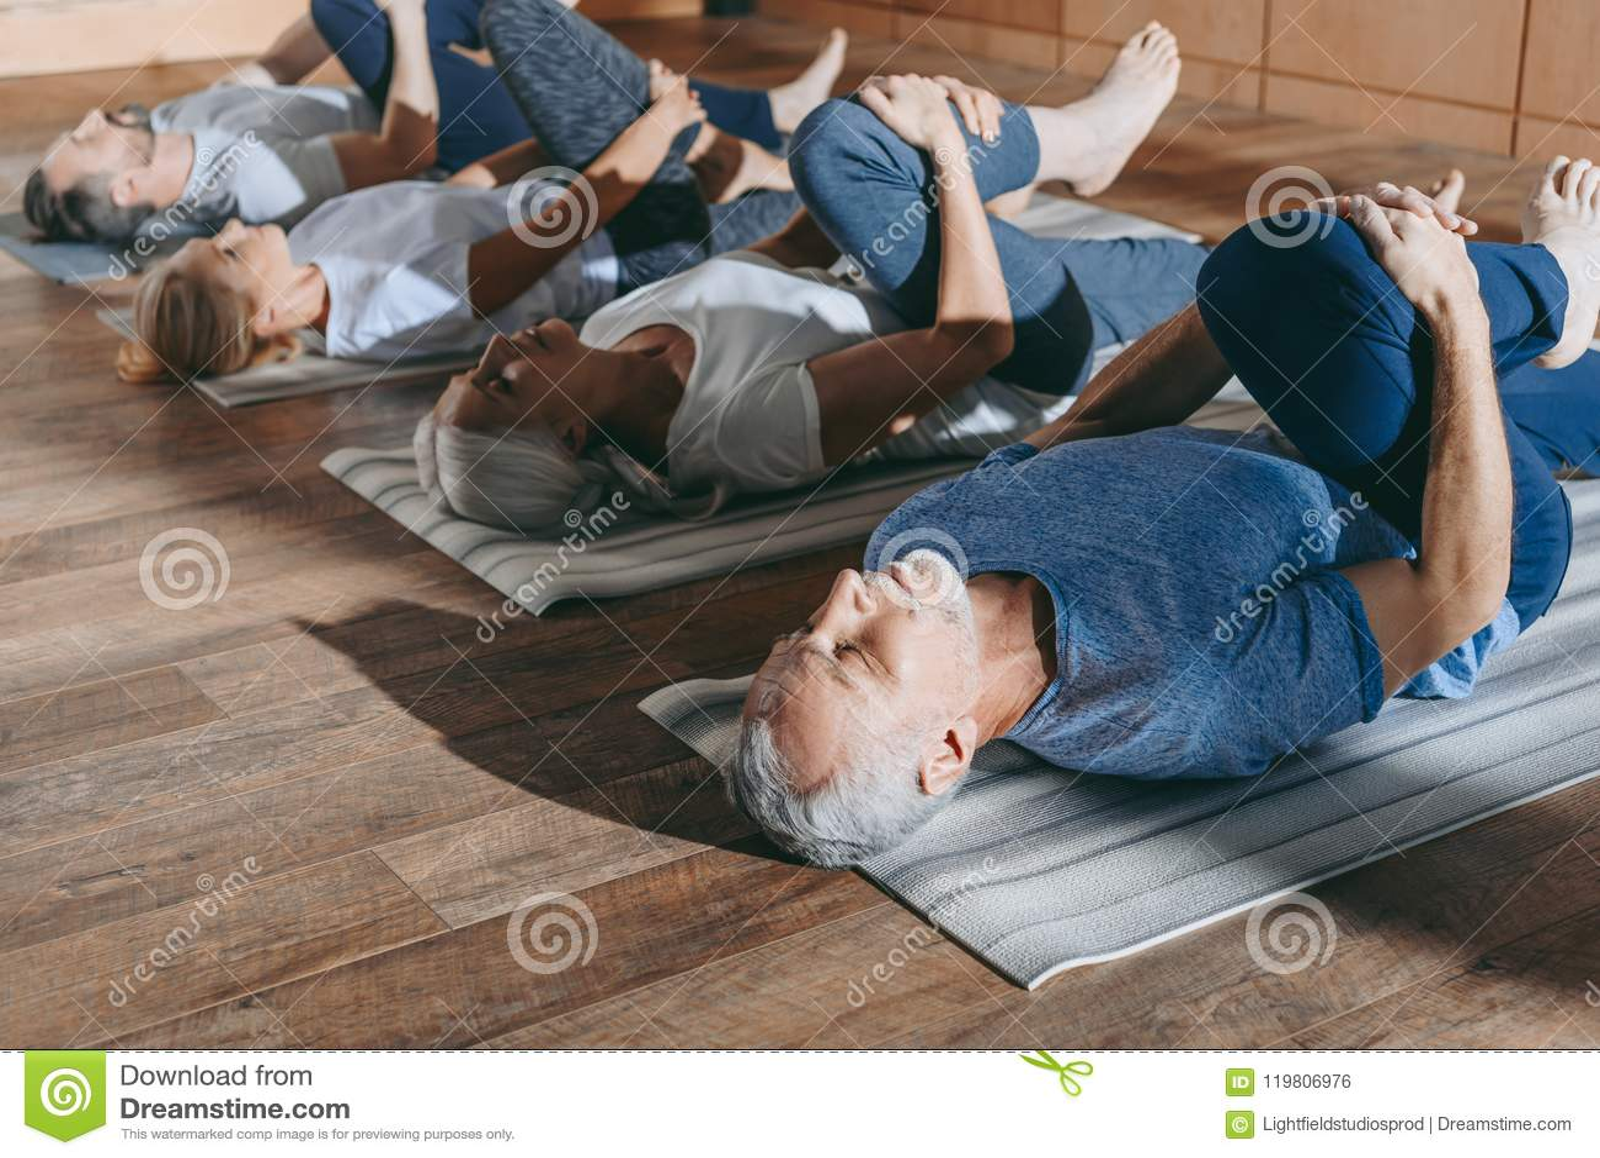 ομάδα ανώτερων ανθρώπων που τεντώνει στα χαλιά γιόγκας